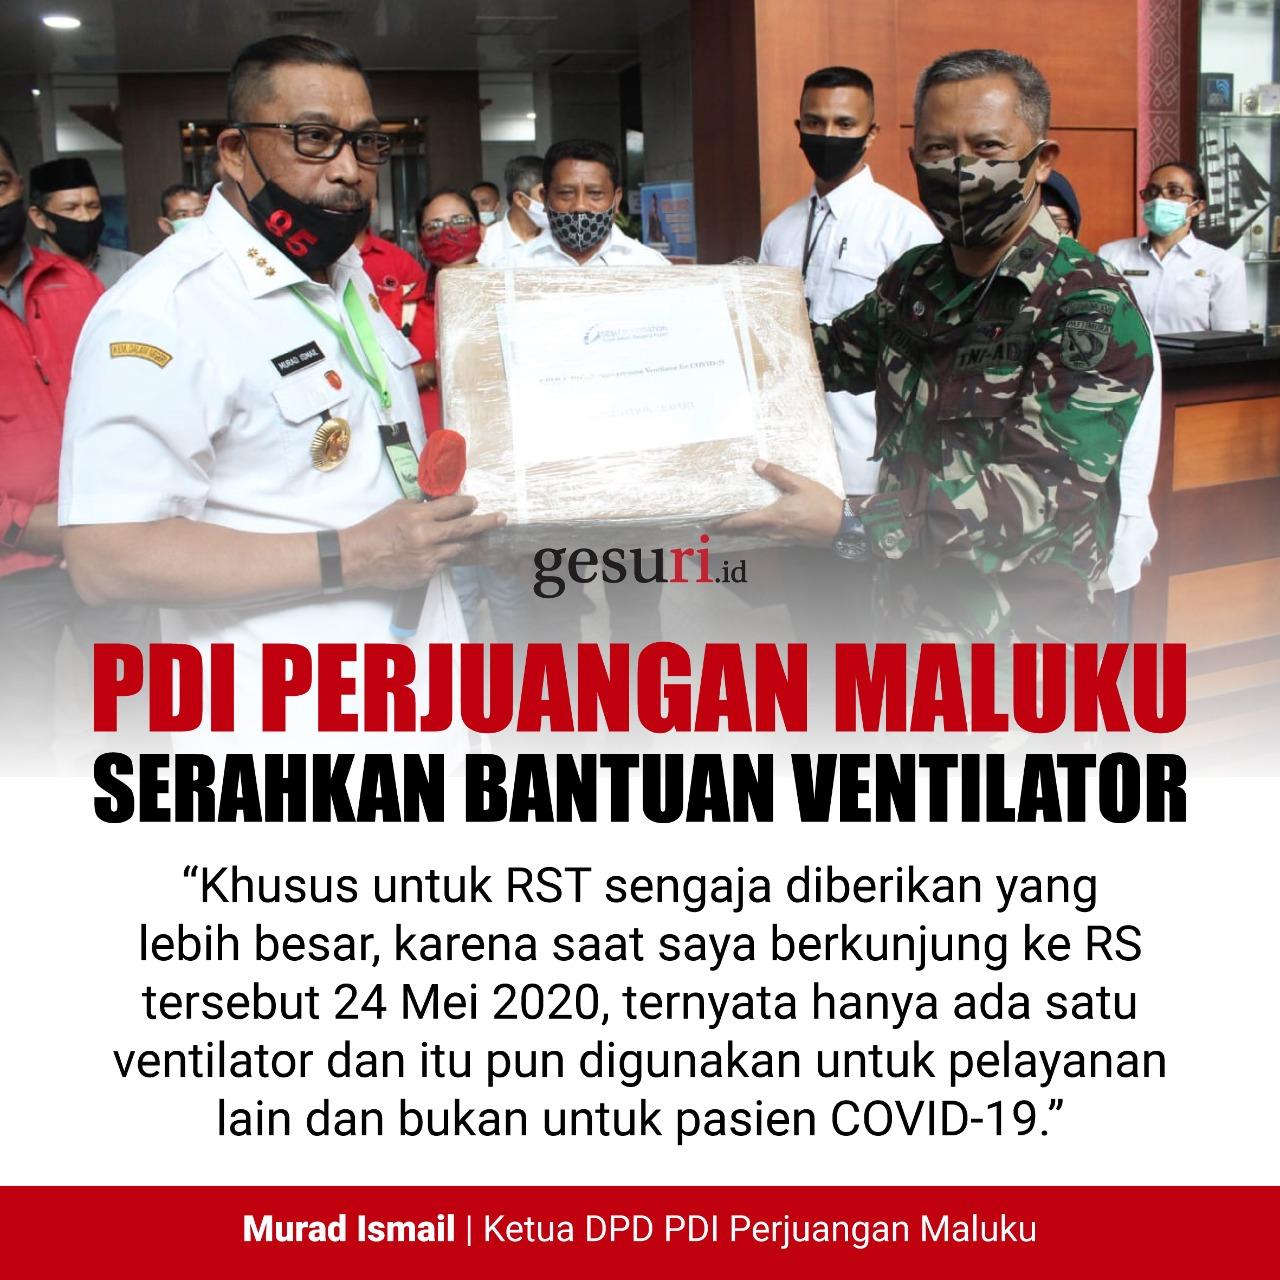 PDI Perjuangan Maluku Serahkan Bantuan Ventilator ke RS